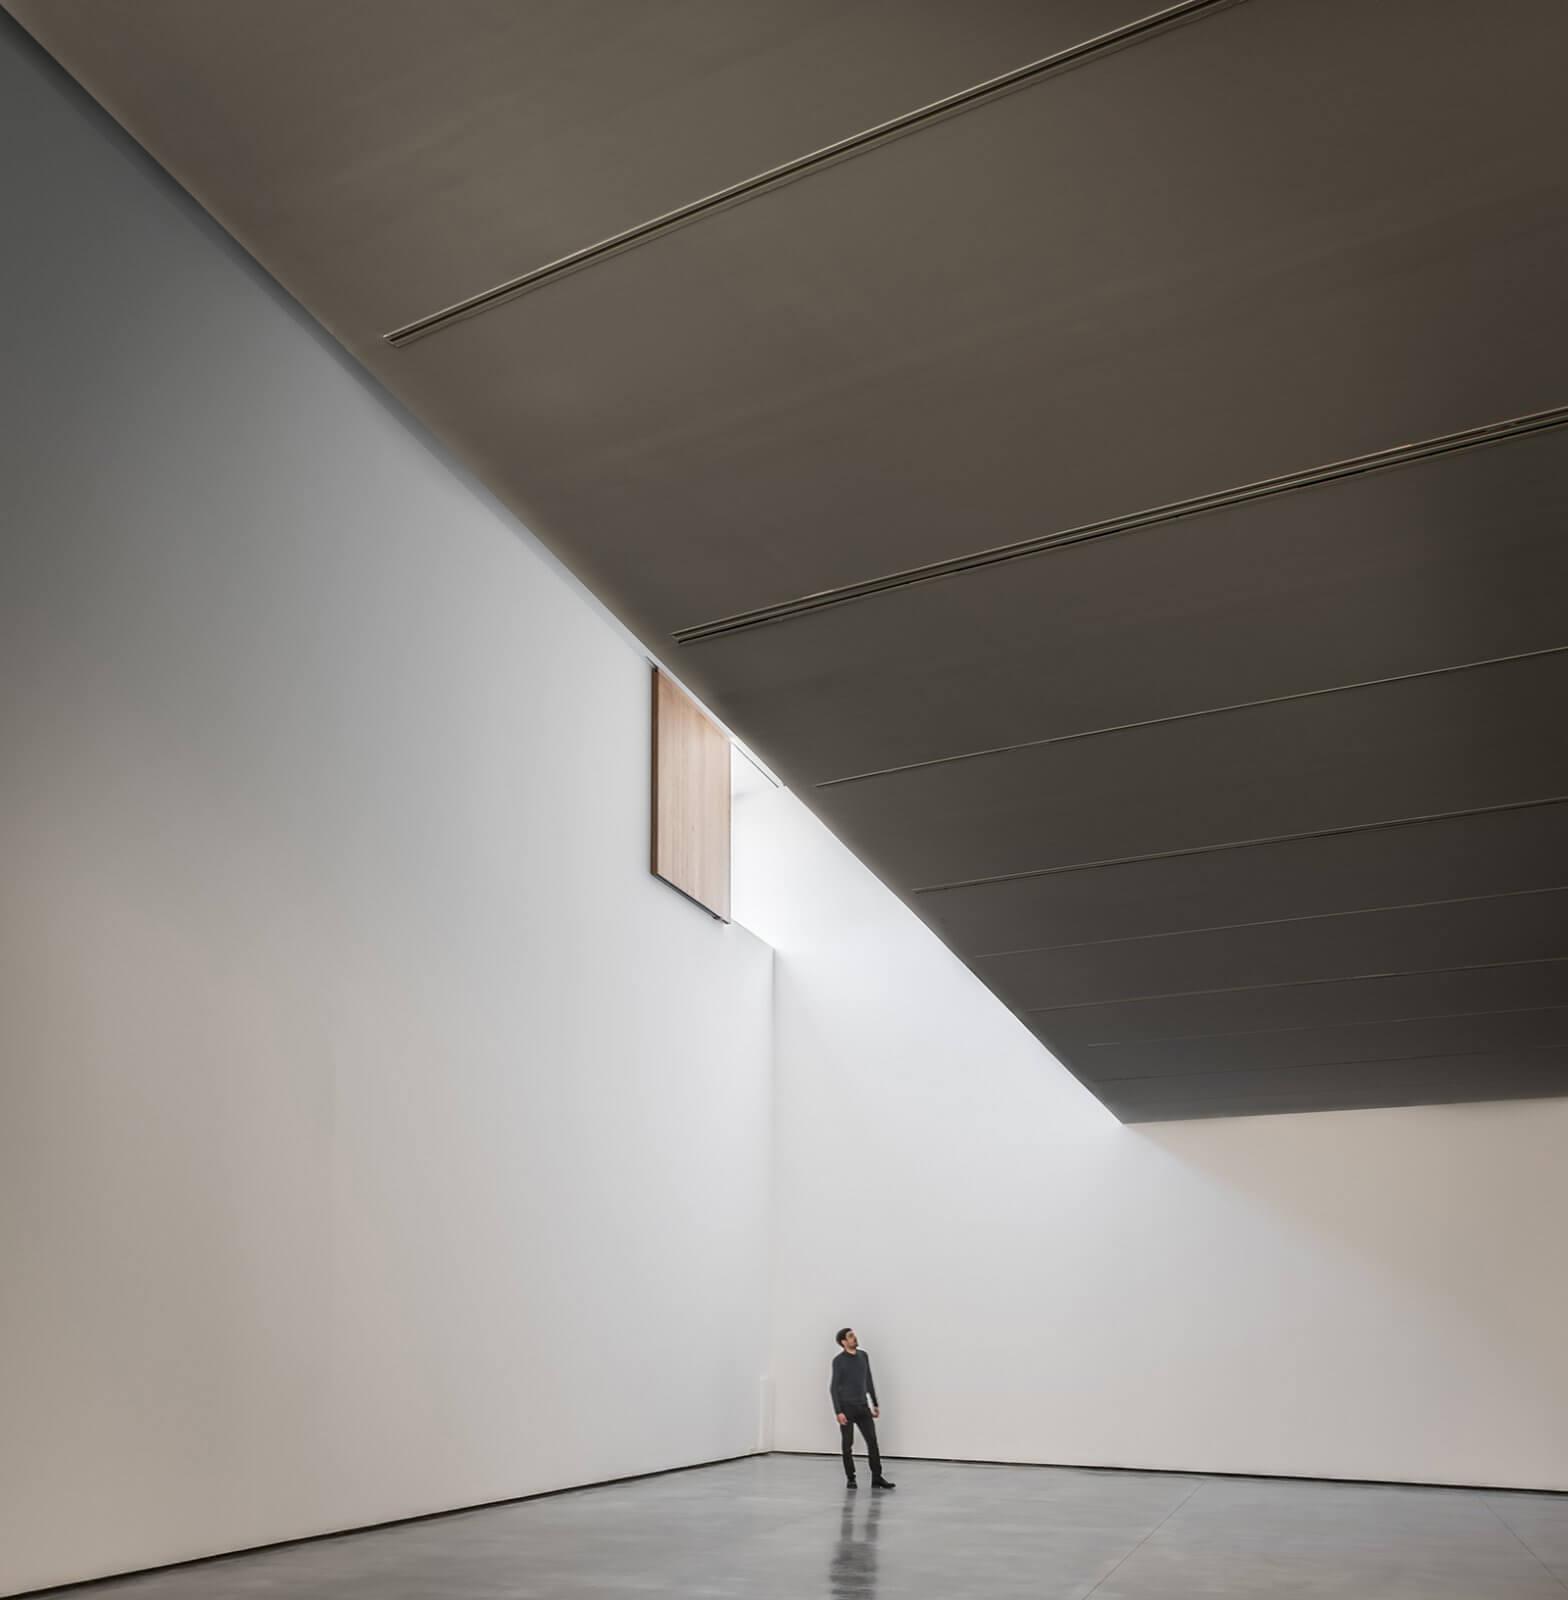 Museo de Arte Contemporáneo Helga de Alvear  - 6 44